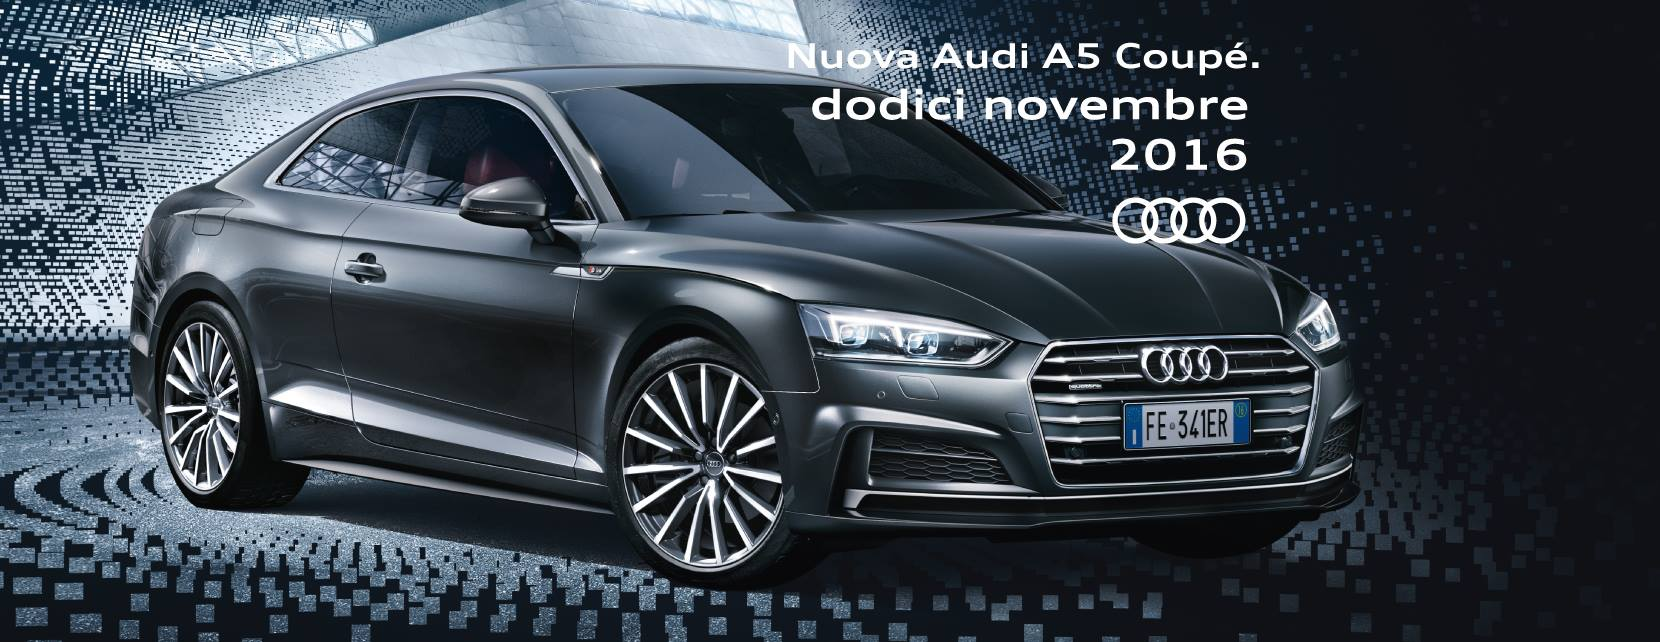 Sabato 12 novembre, ecco la Nuova Audi A5 Coupè